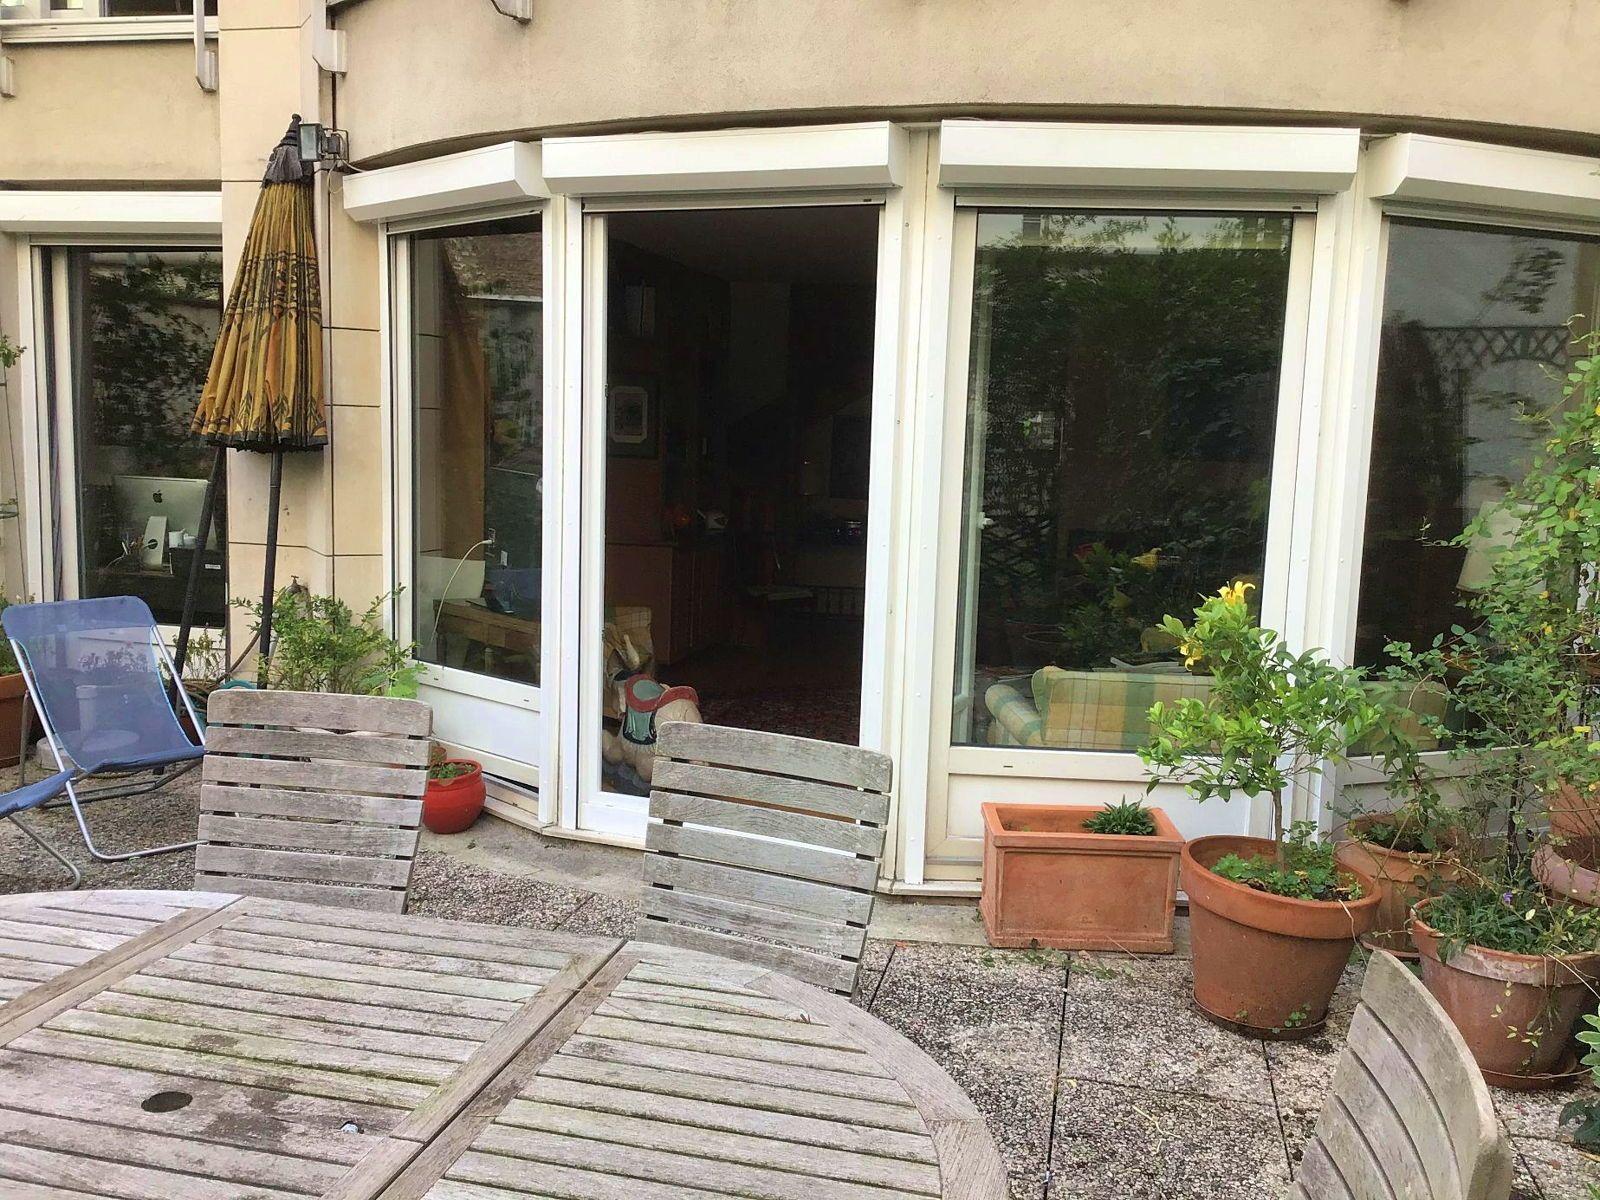 Vends 2pièces 64m²+terrasse 49m², rez de jardin à Levallois (92)